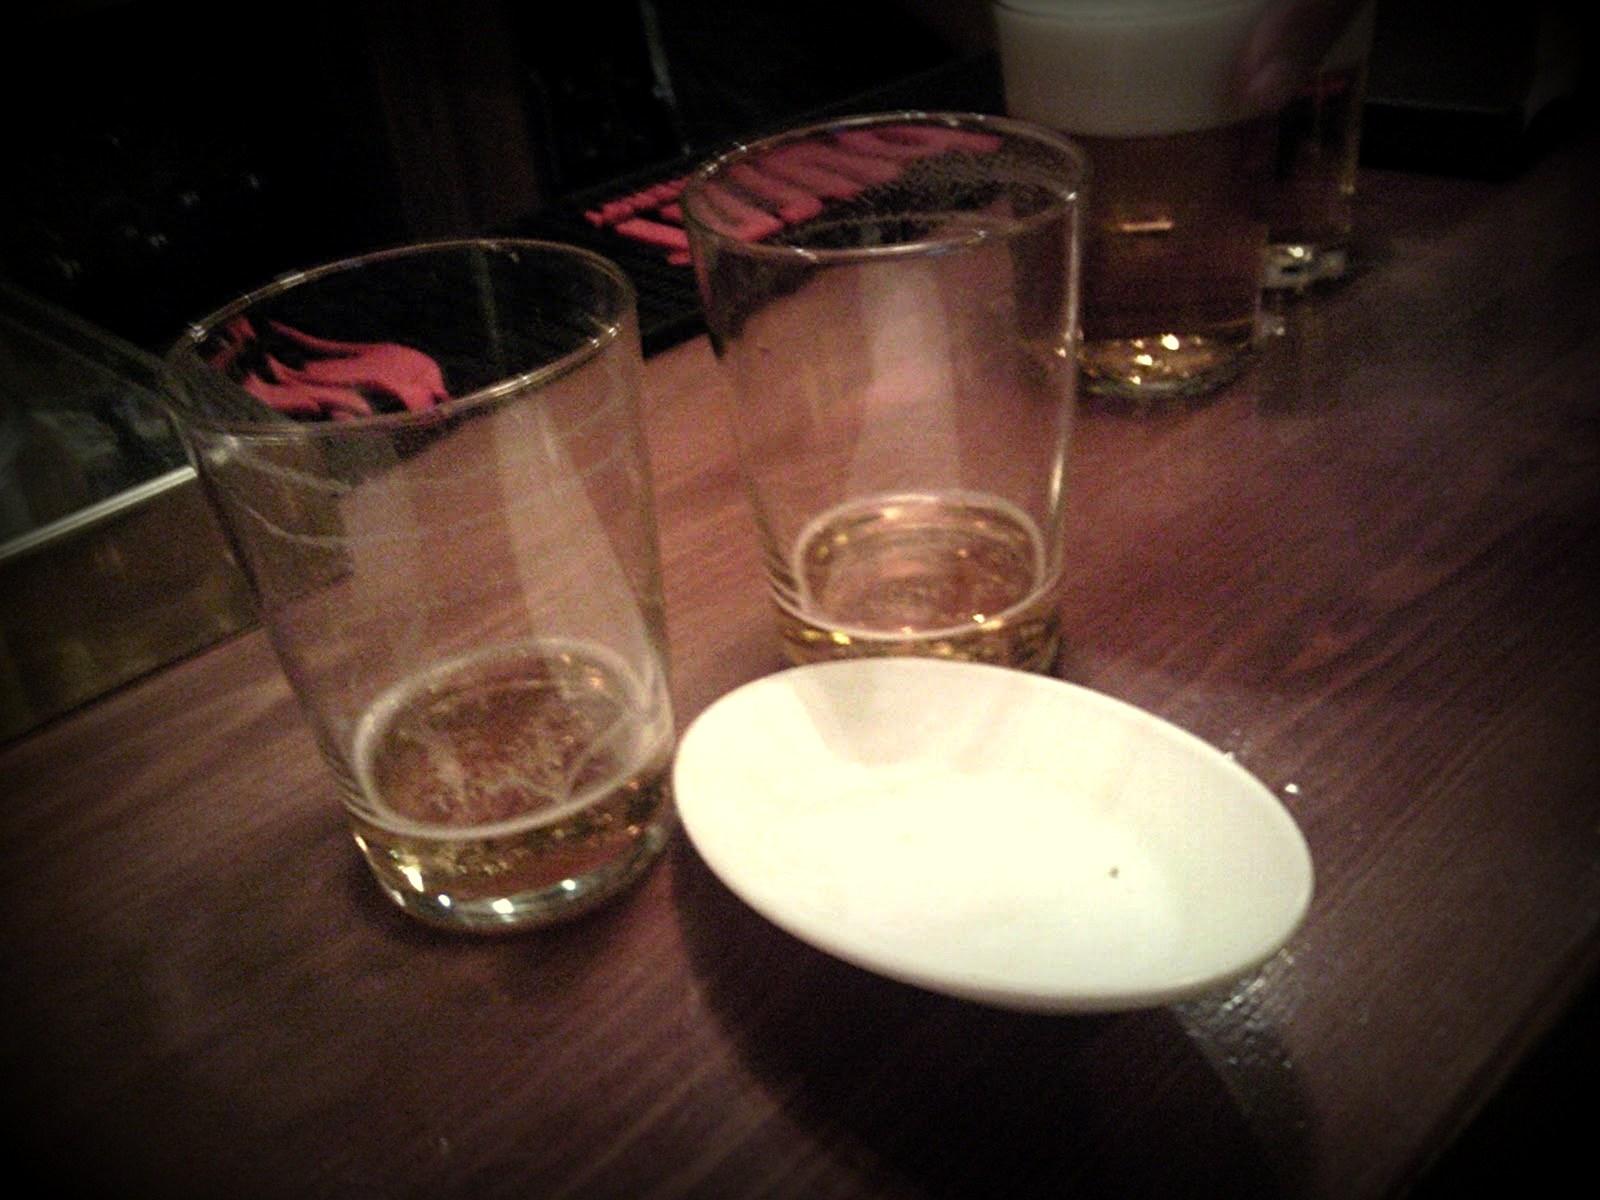 Resultado de imagen para vasos vacios alcohol